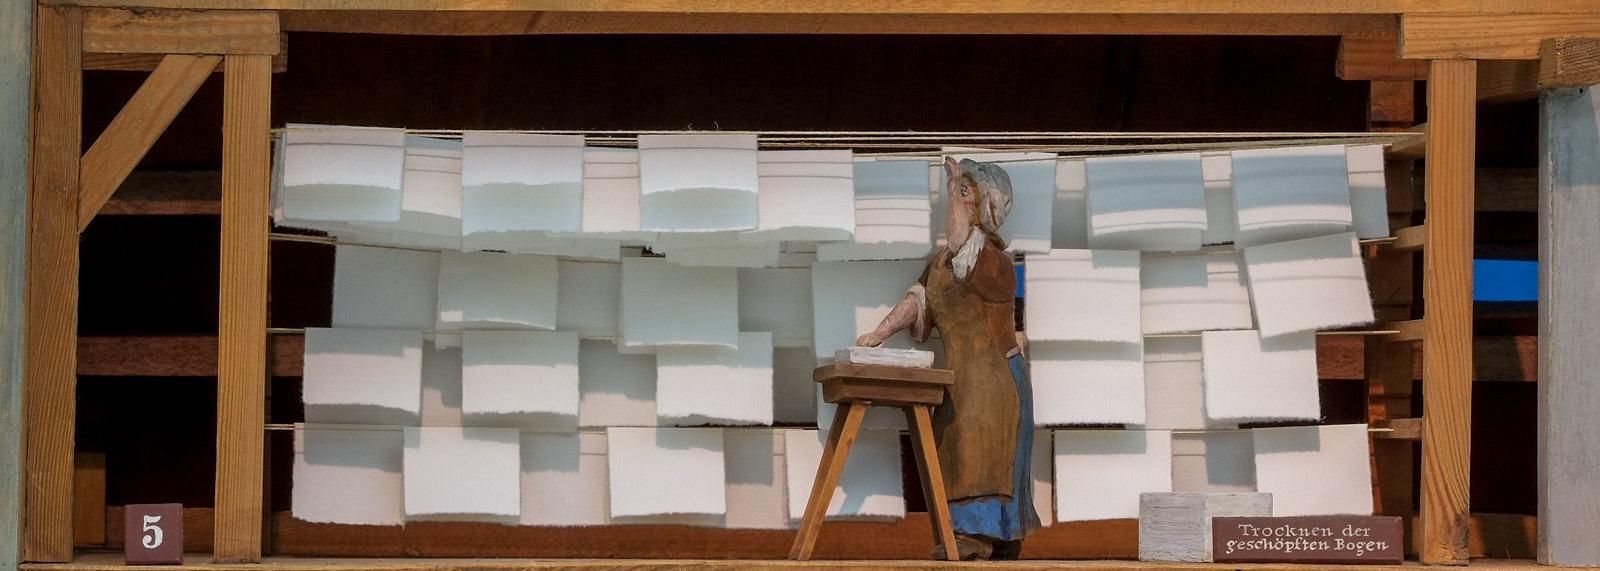 Papiermühle: Trocknen der geschöpften Bogen